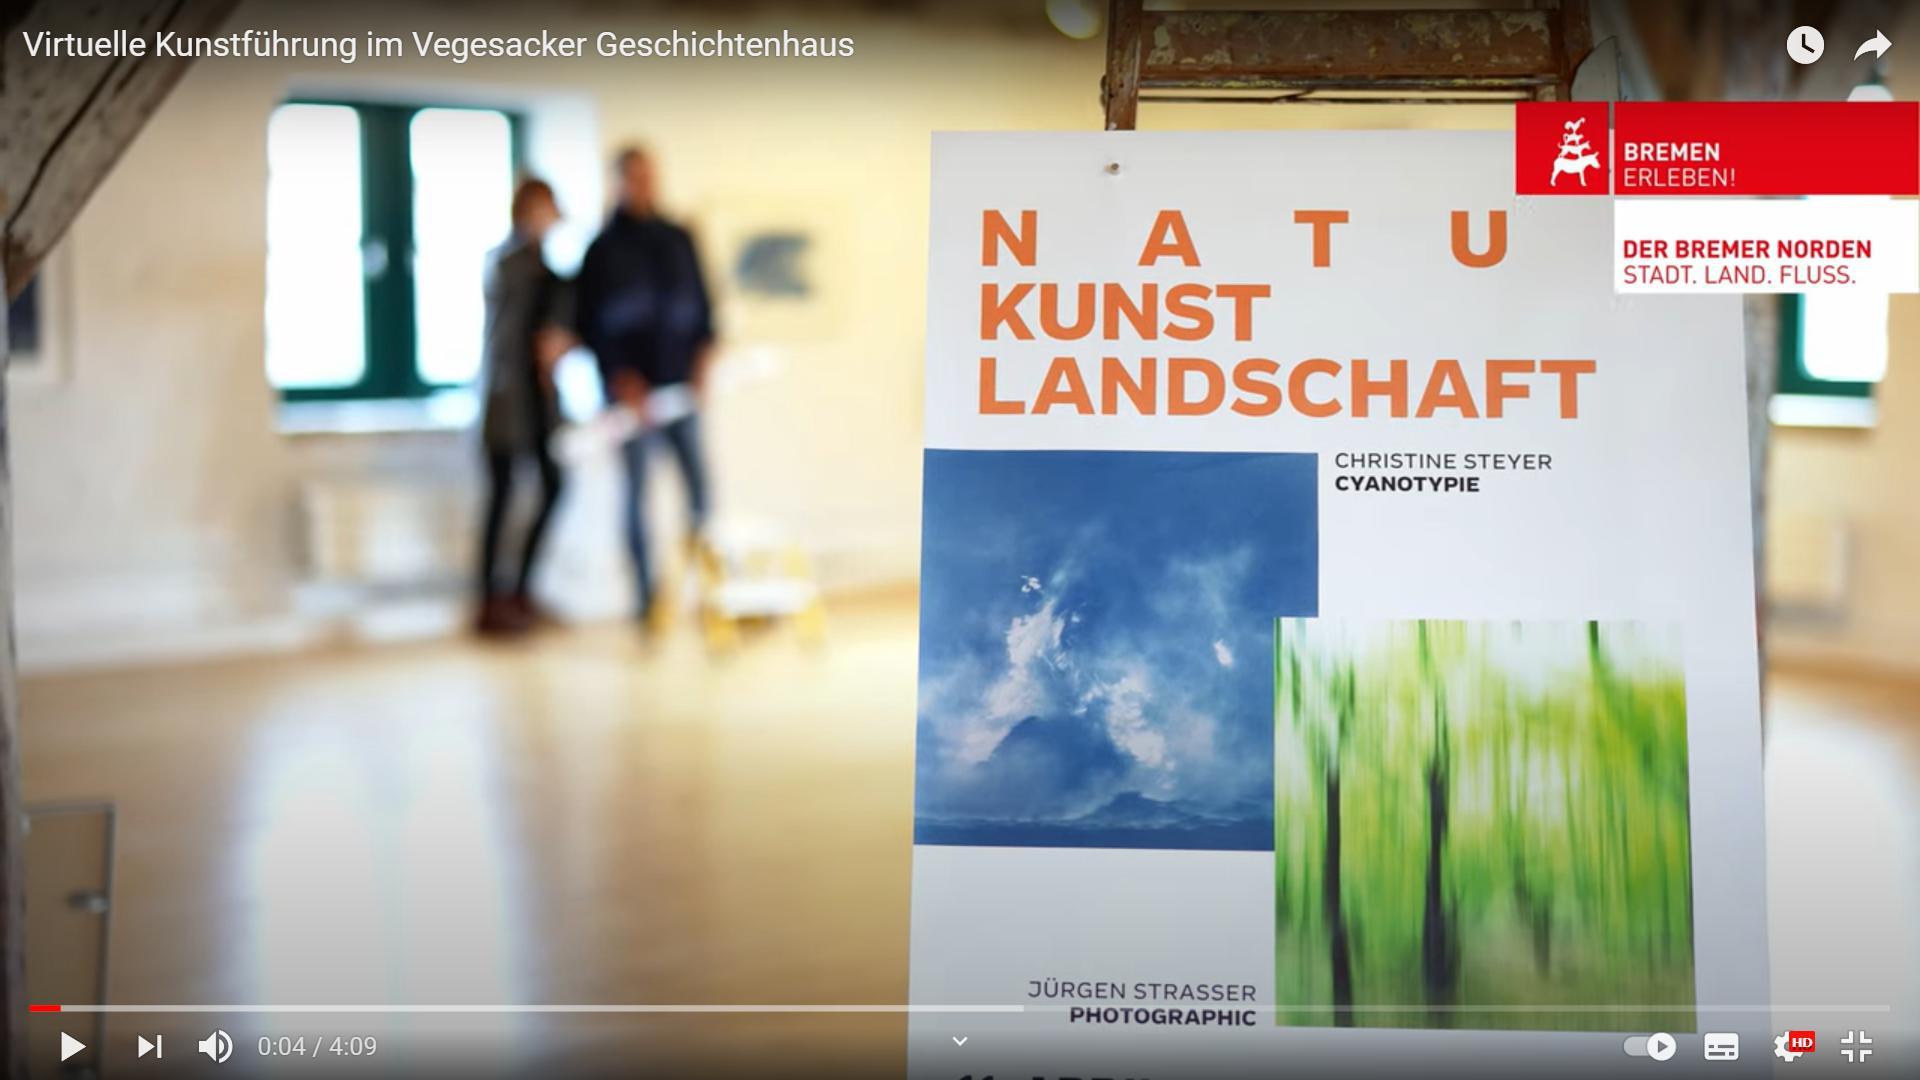 Ausstellung Vegesacker Geschichtenhaus